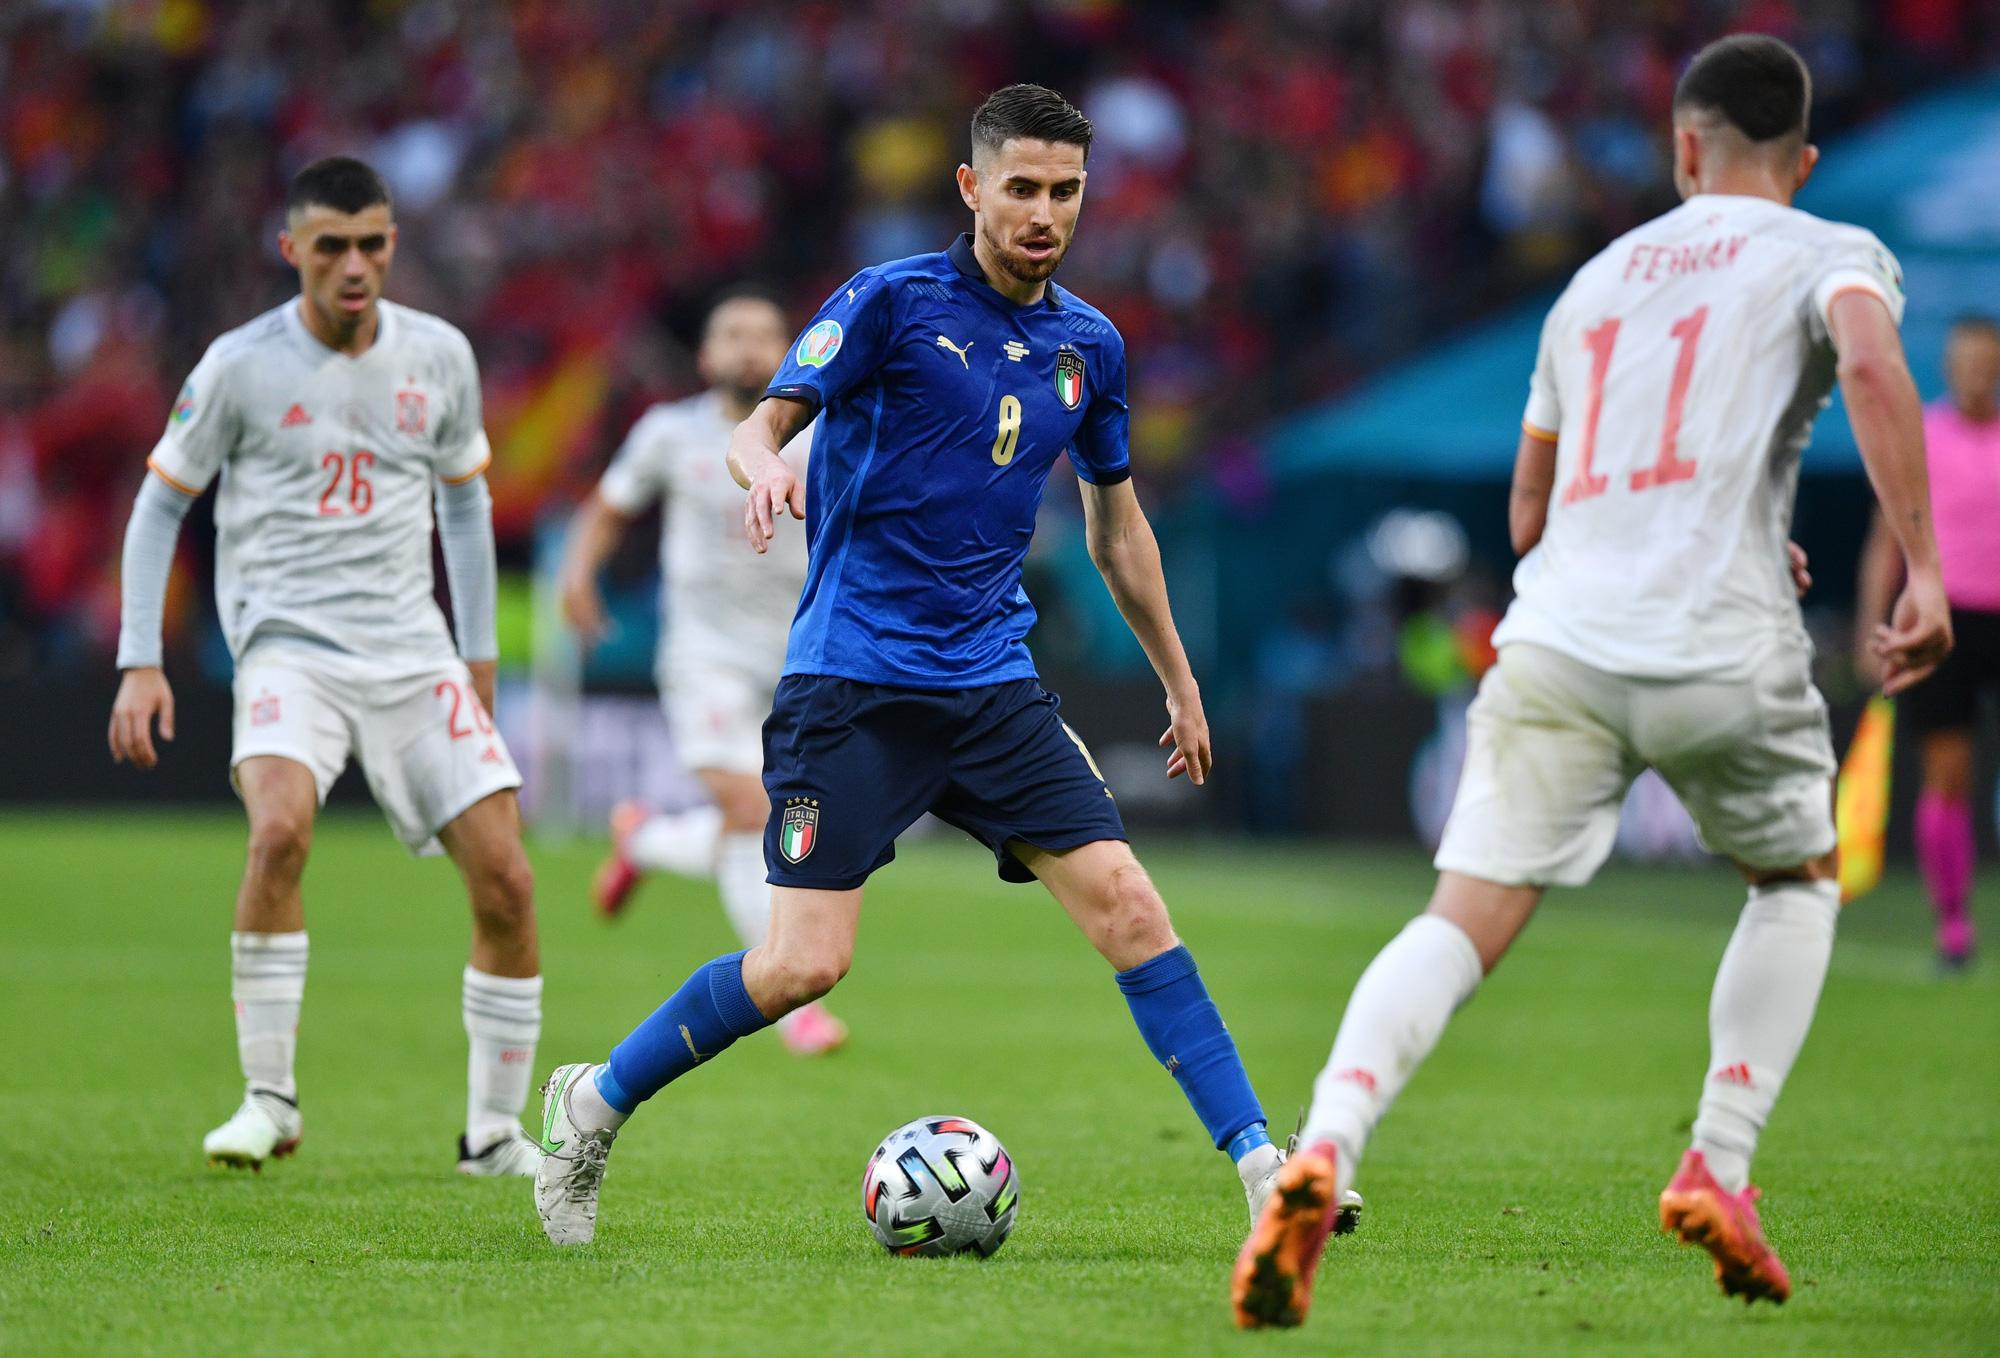 Sau ngôi vô địch Euro 2020, Jorginho không giấu giếm tham vọng của mình với danh hiệu Quả bóng vàng